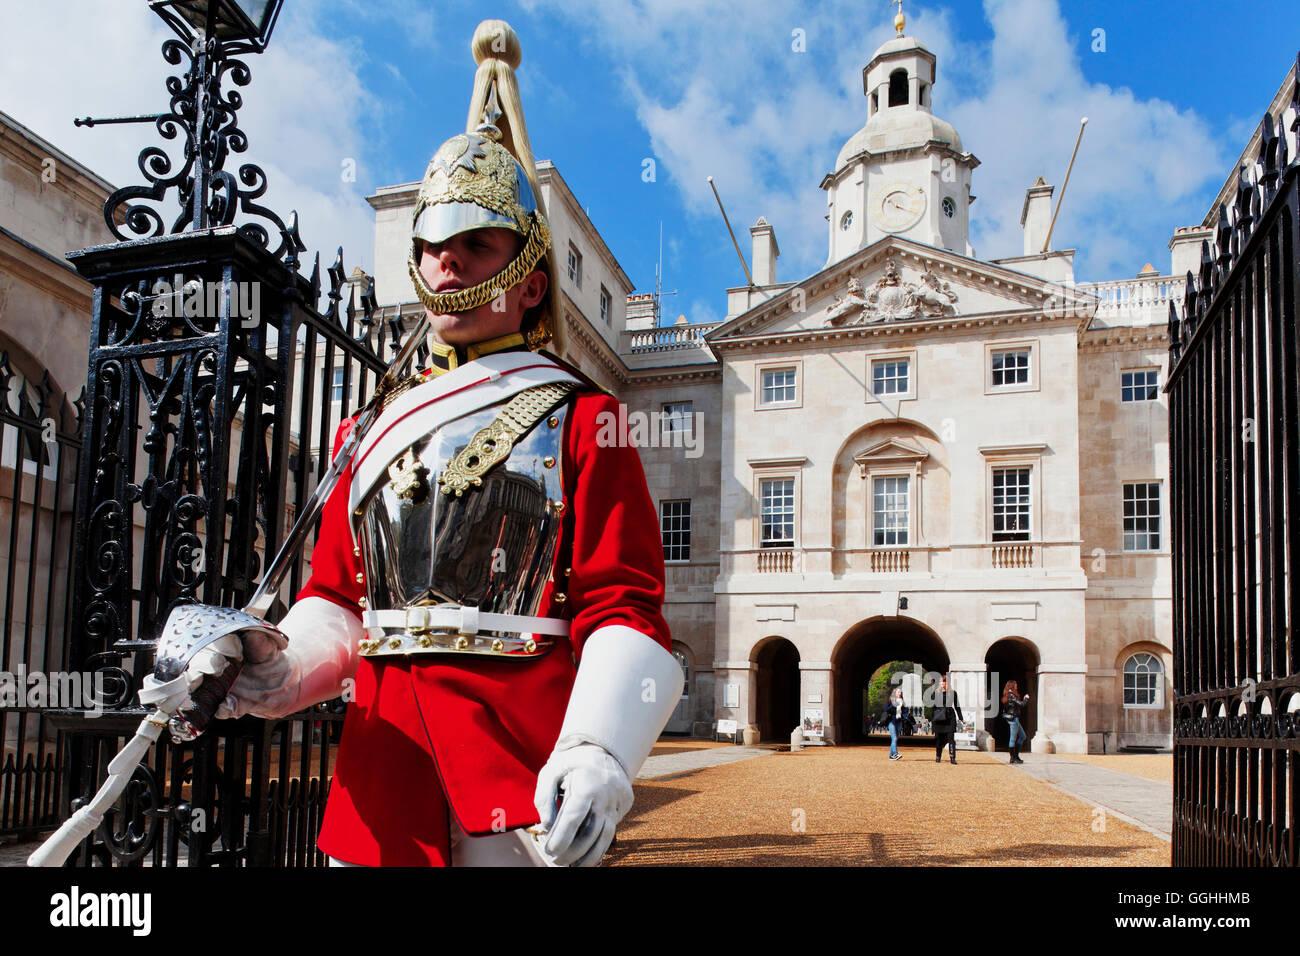 Guardia a caballo desfile de guardias, Whitehall, Westminster, London, England, Reino Unido Imagen De Stock